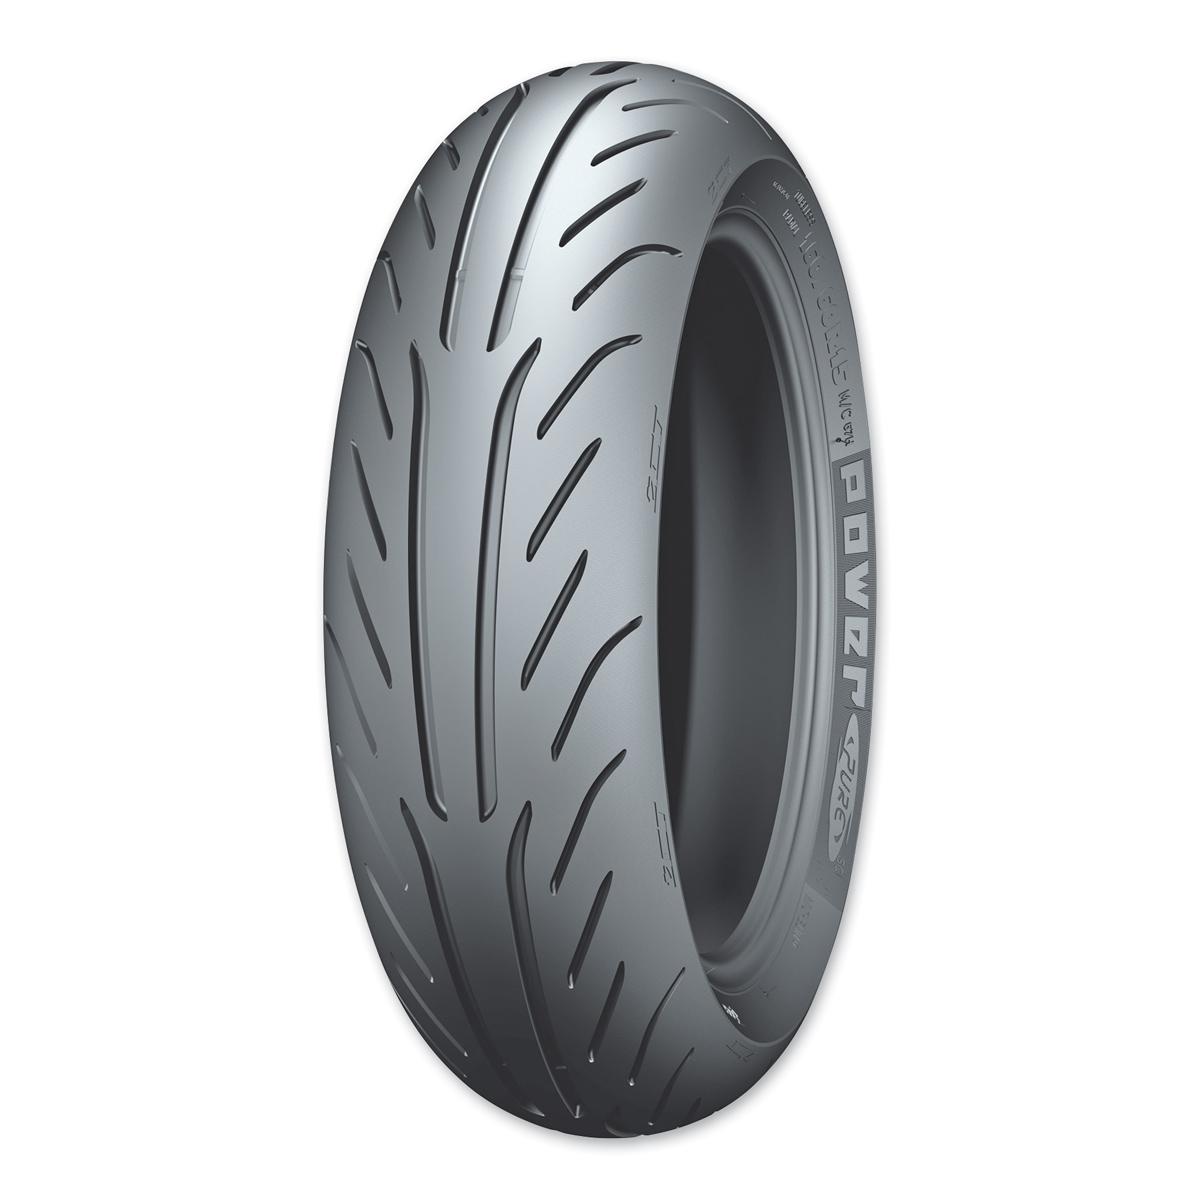 Michelin Power Pure SC 130/70-13 Rear Tire